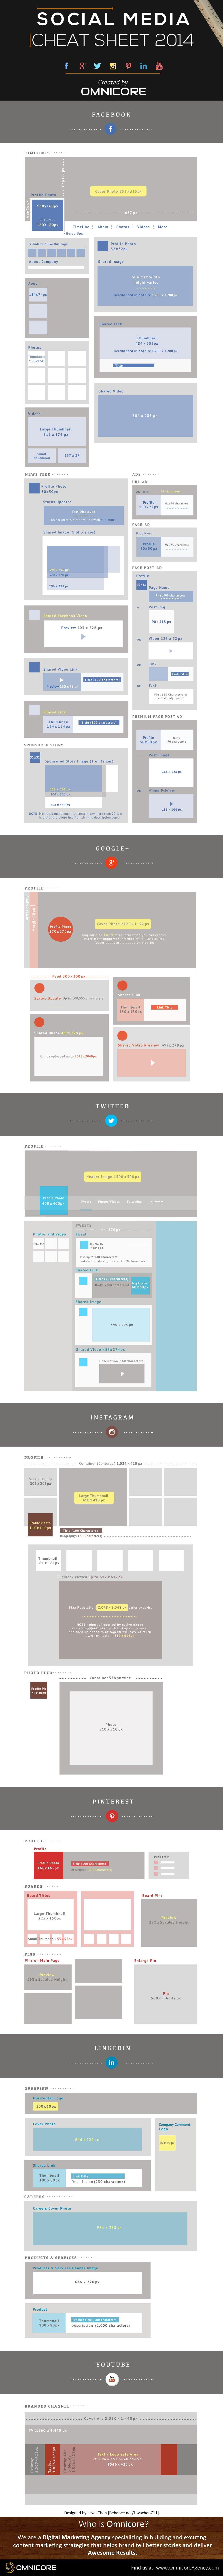 guide-dimensions-medias-sociaux-2014-infographie1